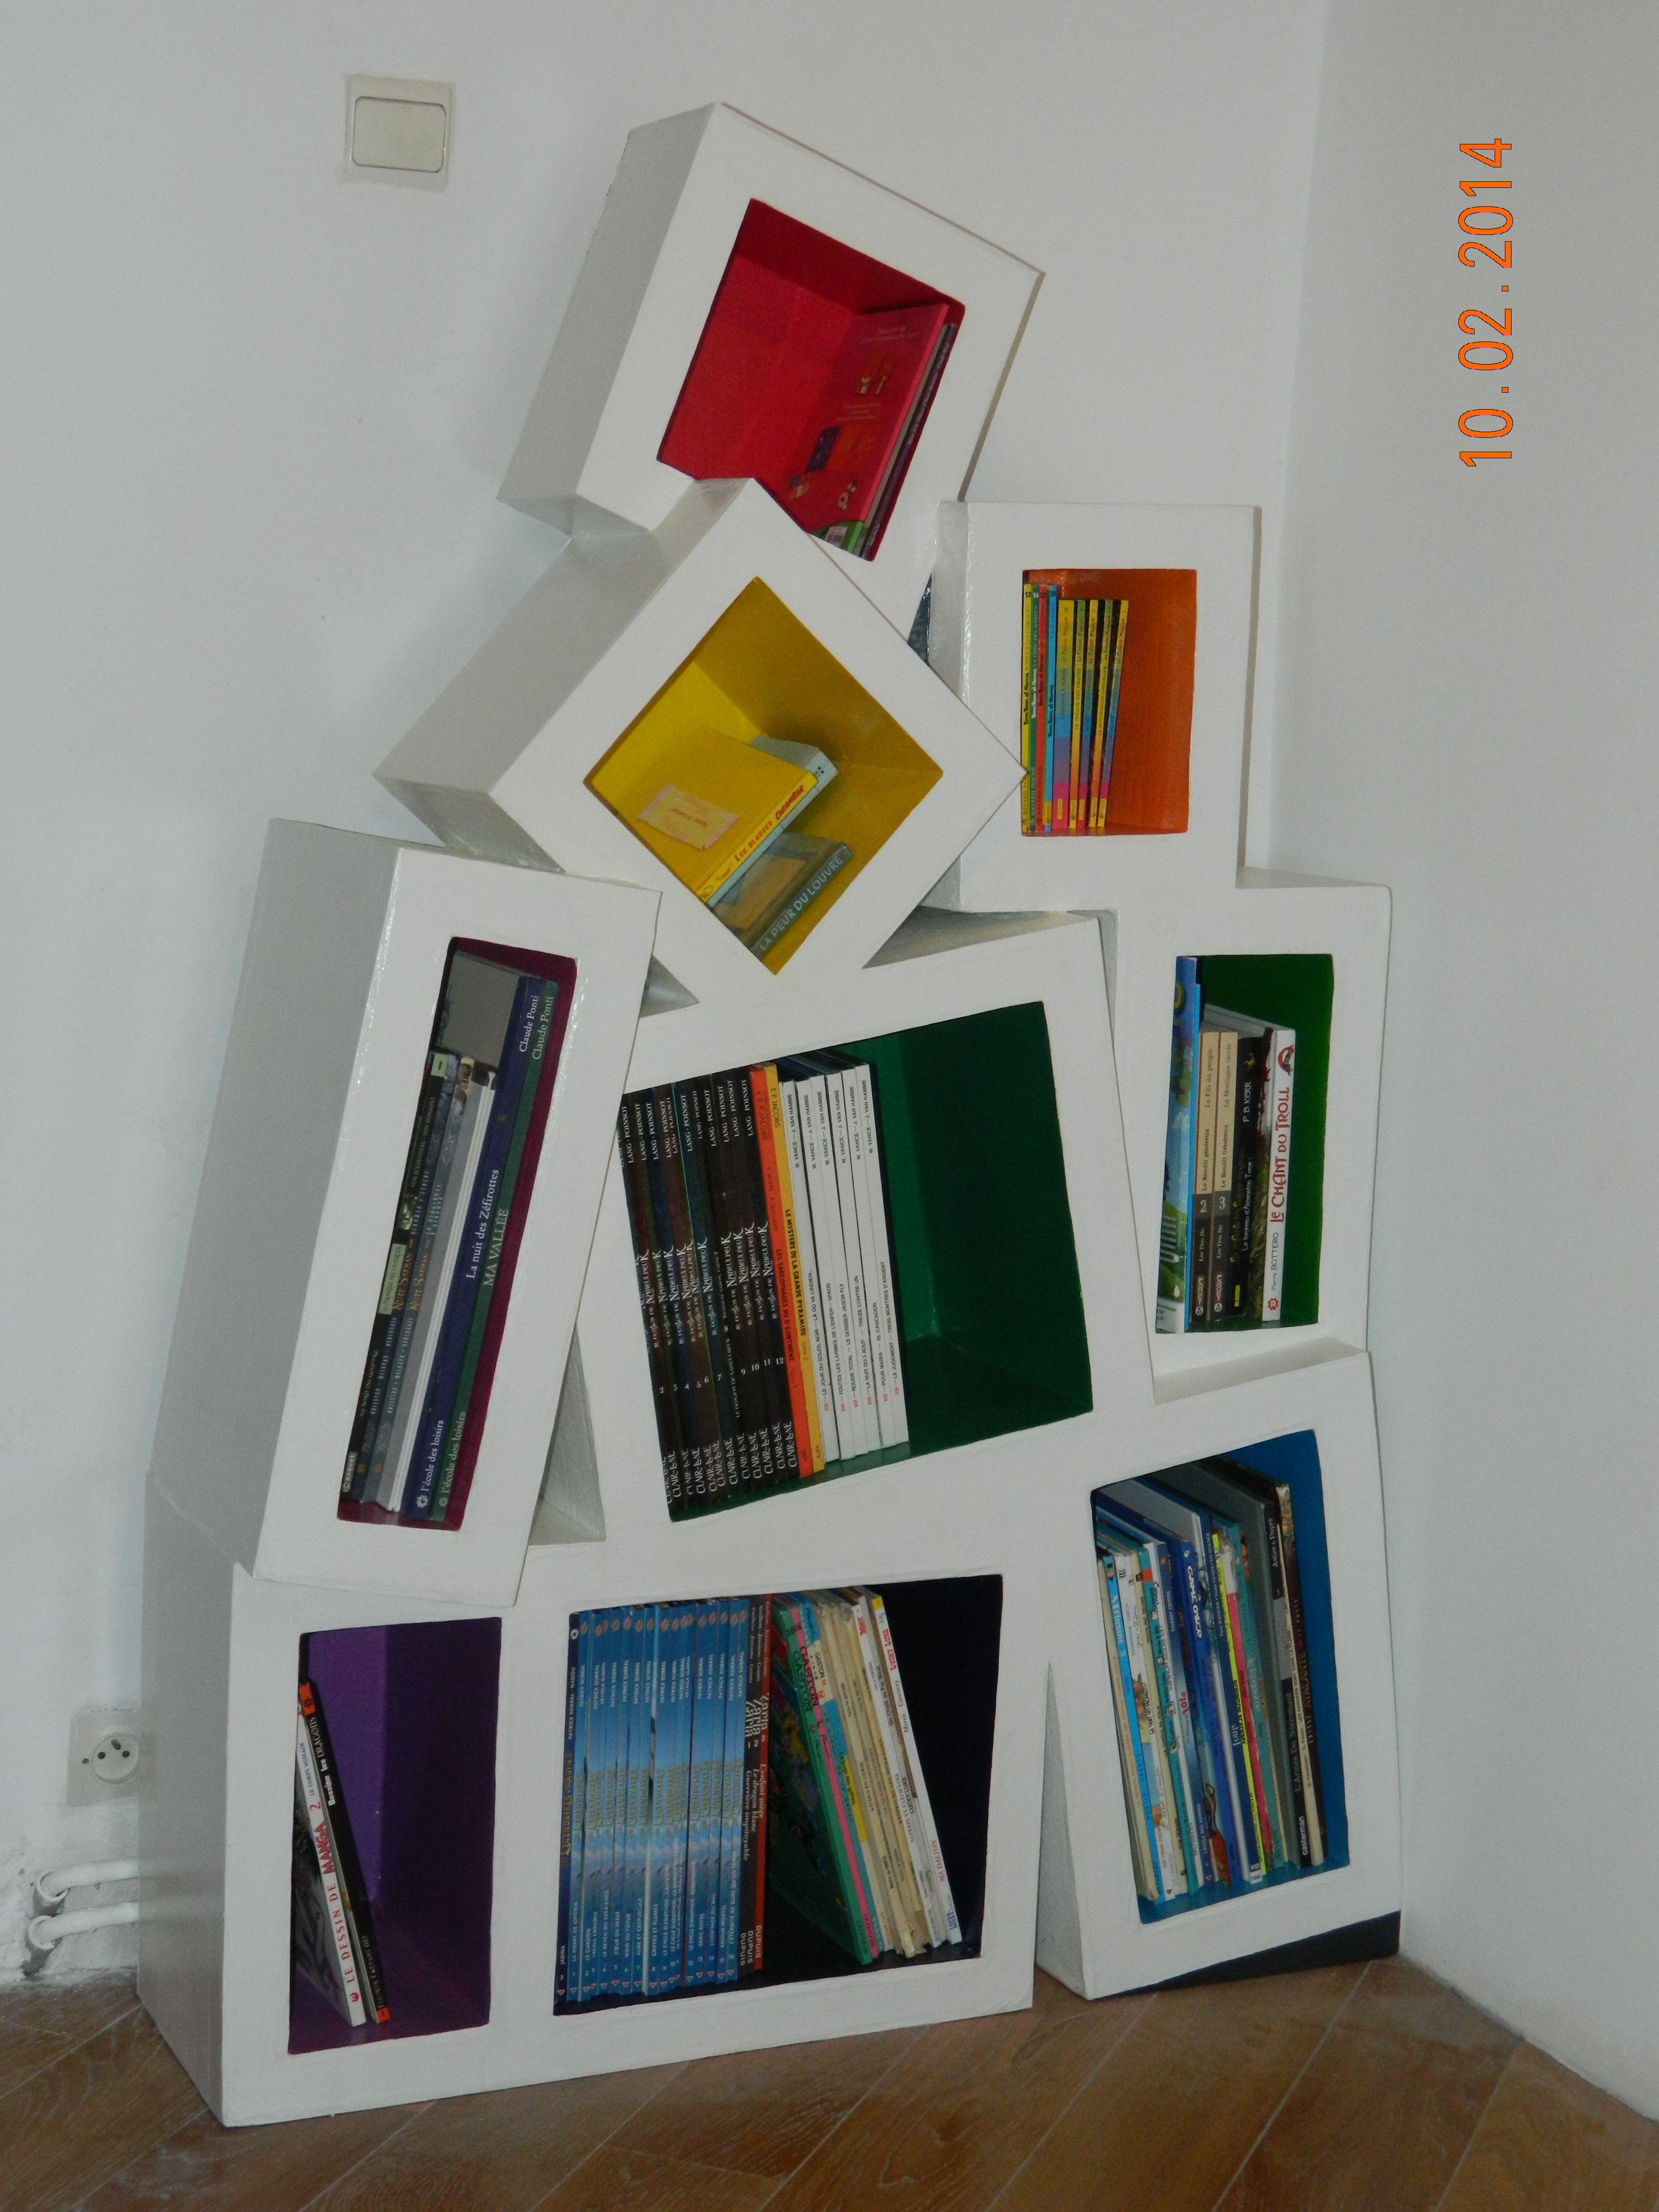 Biblioth Que En Carton Maravillas En Carton Pinterest  # Muebles Diy De Carton